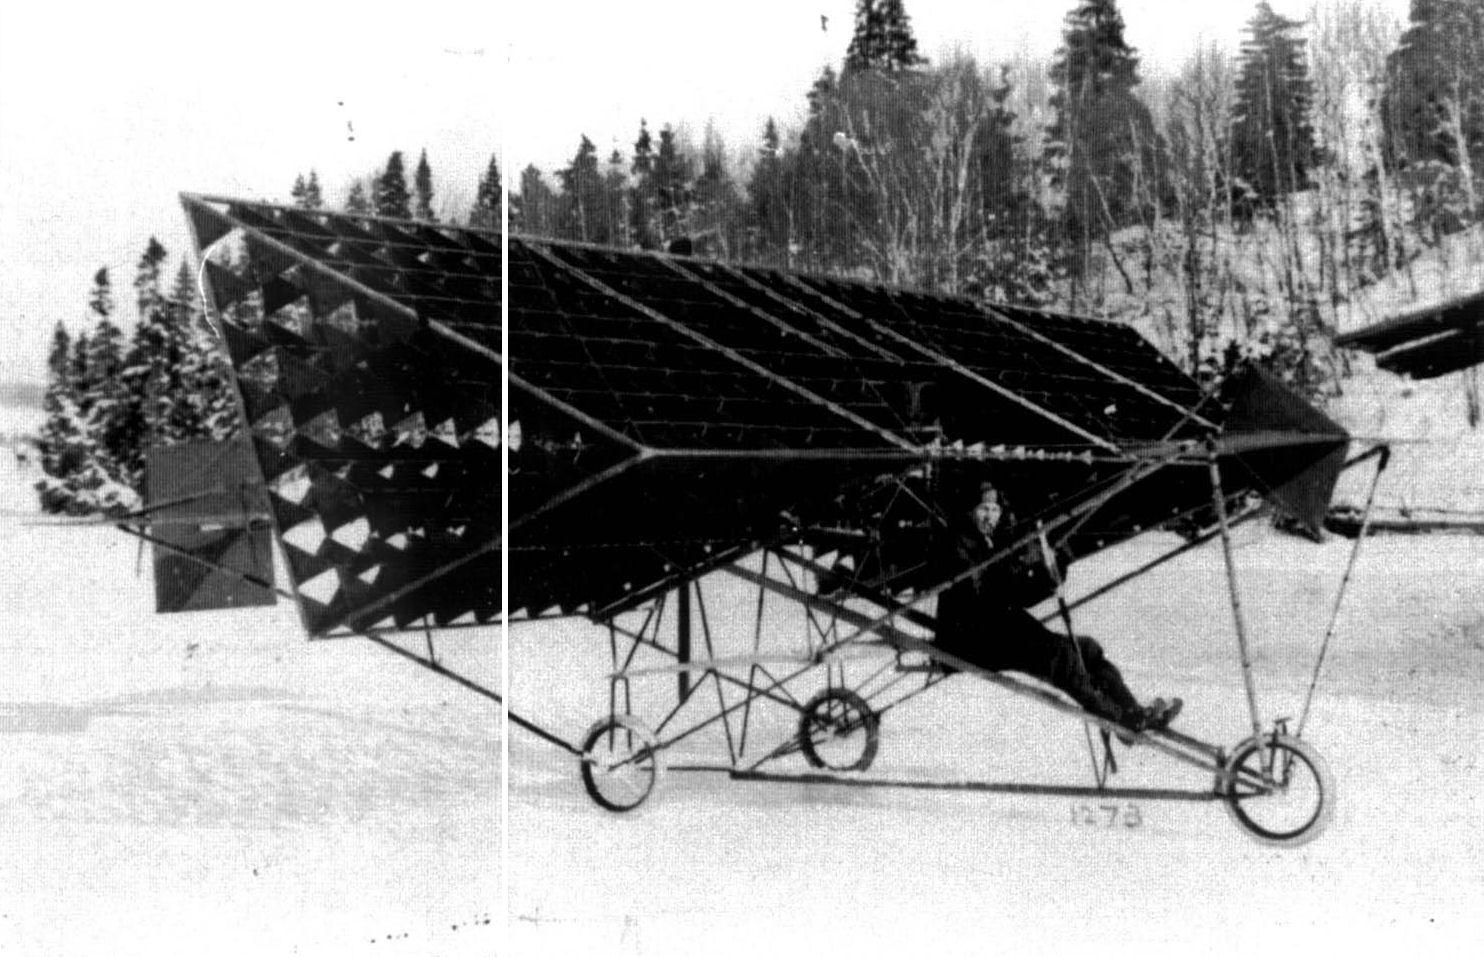 avion tetraedrique histoire 03 Avions et cerf volants tétraédriques